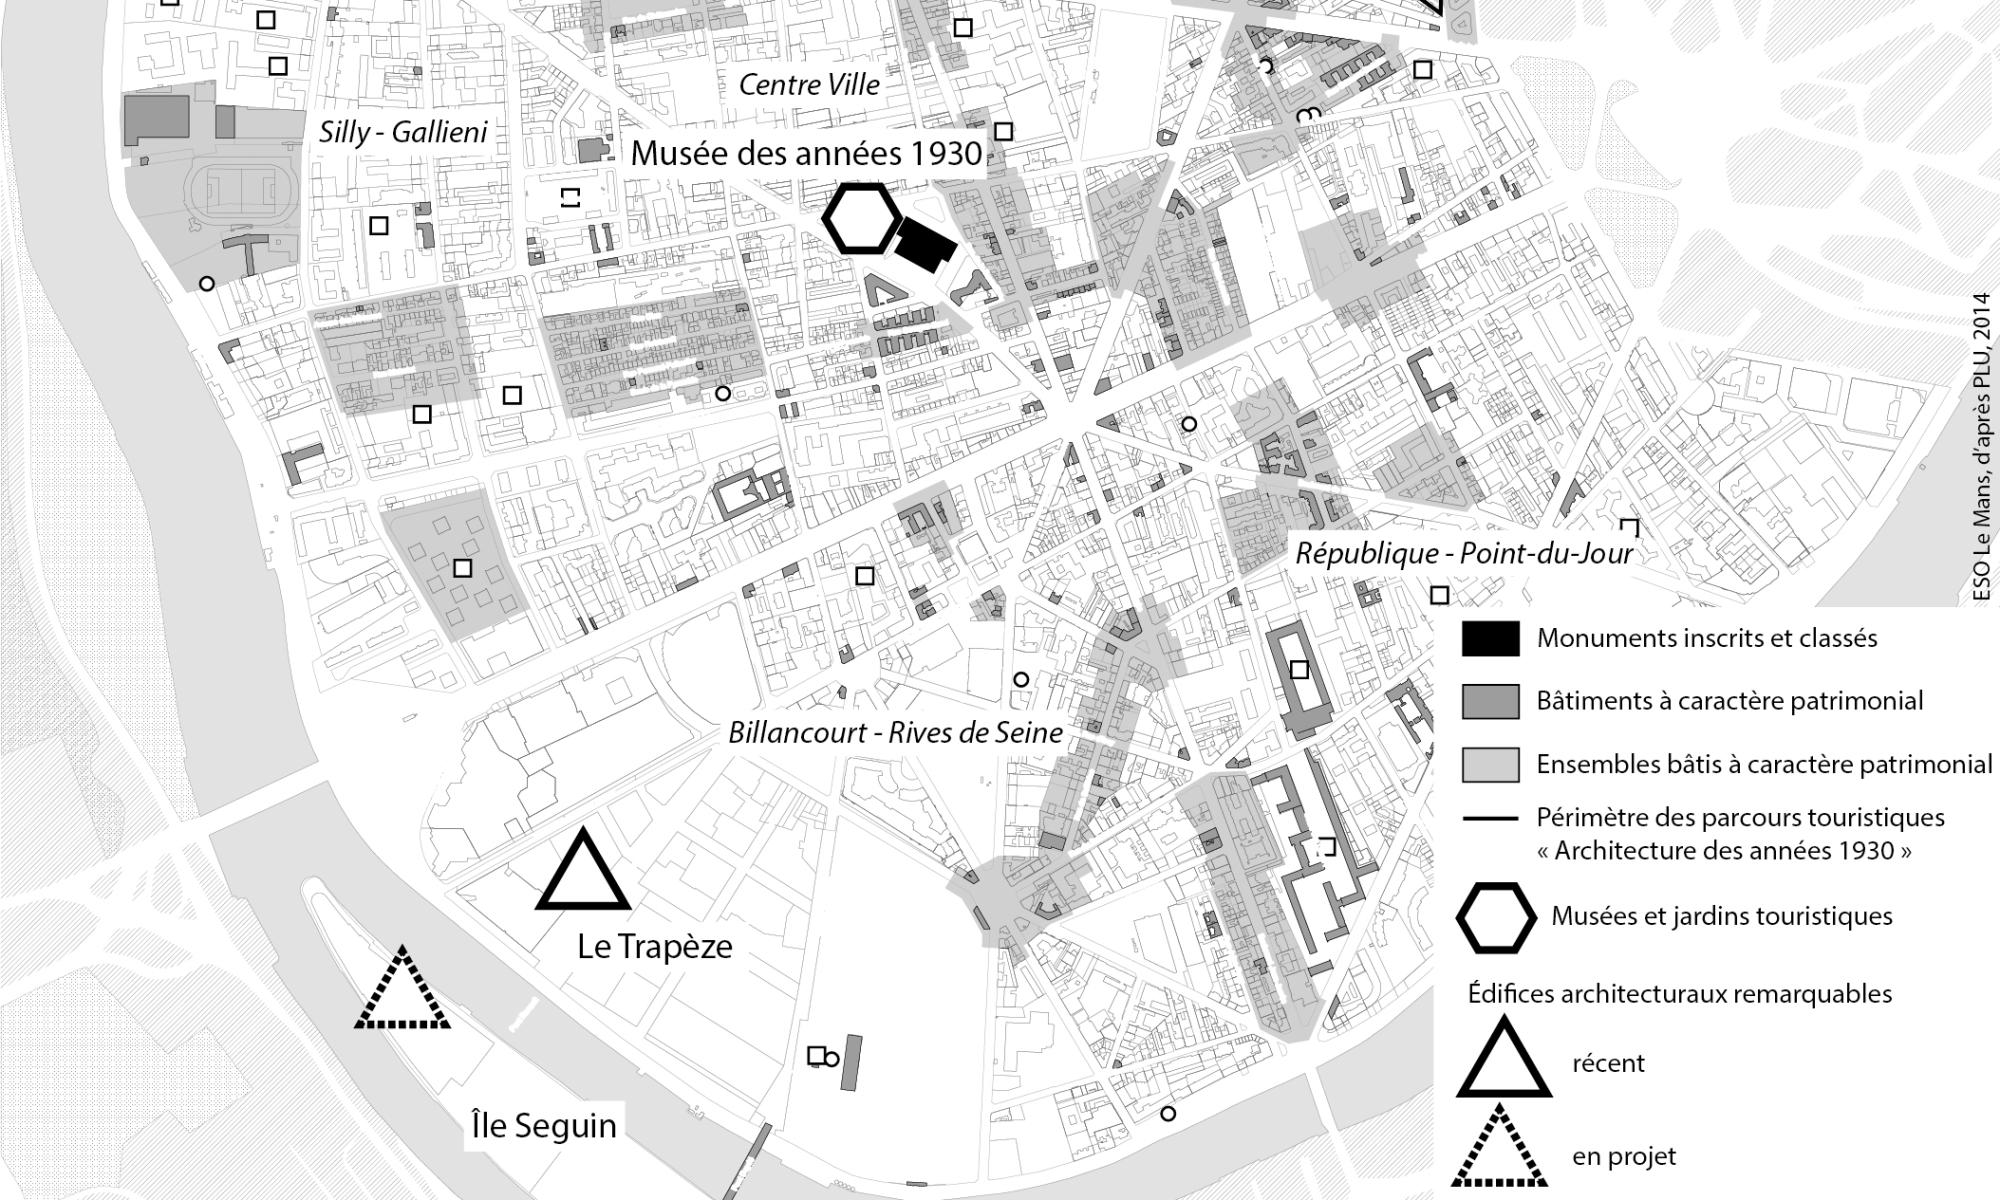 Plan moderne tourisme Boulogne-Billancourt